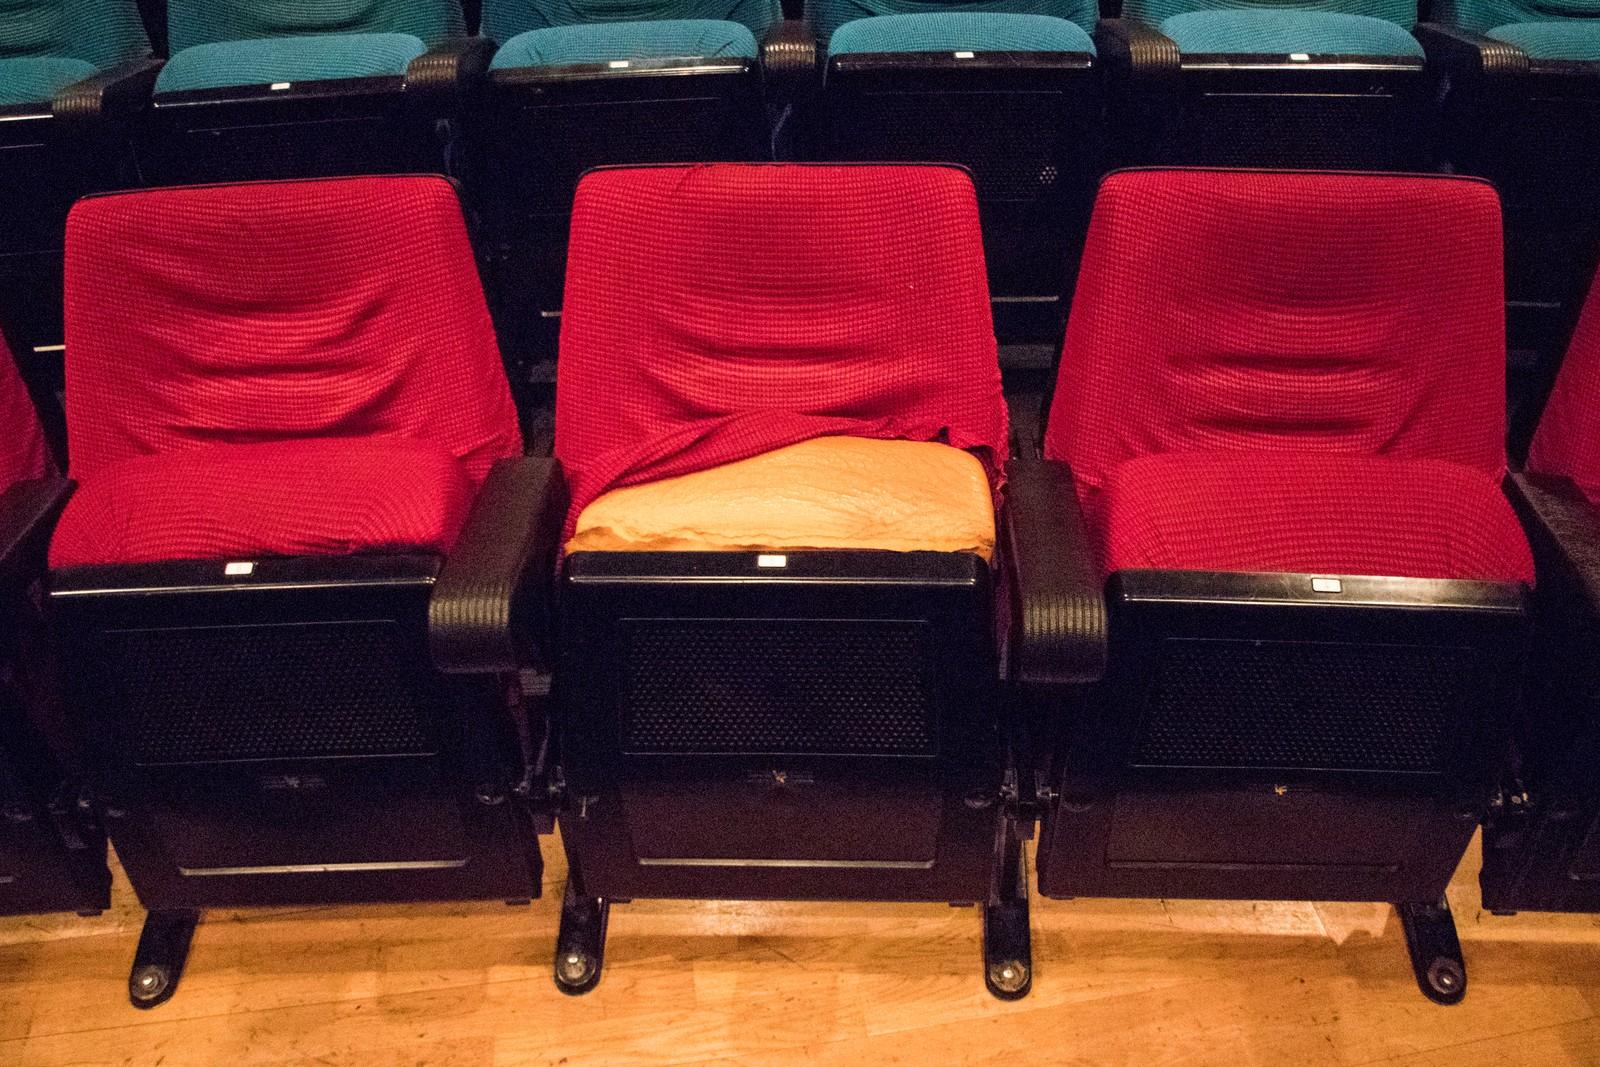 Setetrekkene er løse og den gule skumgummien stikker frem på mange av setene.